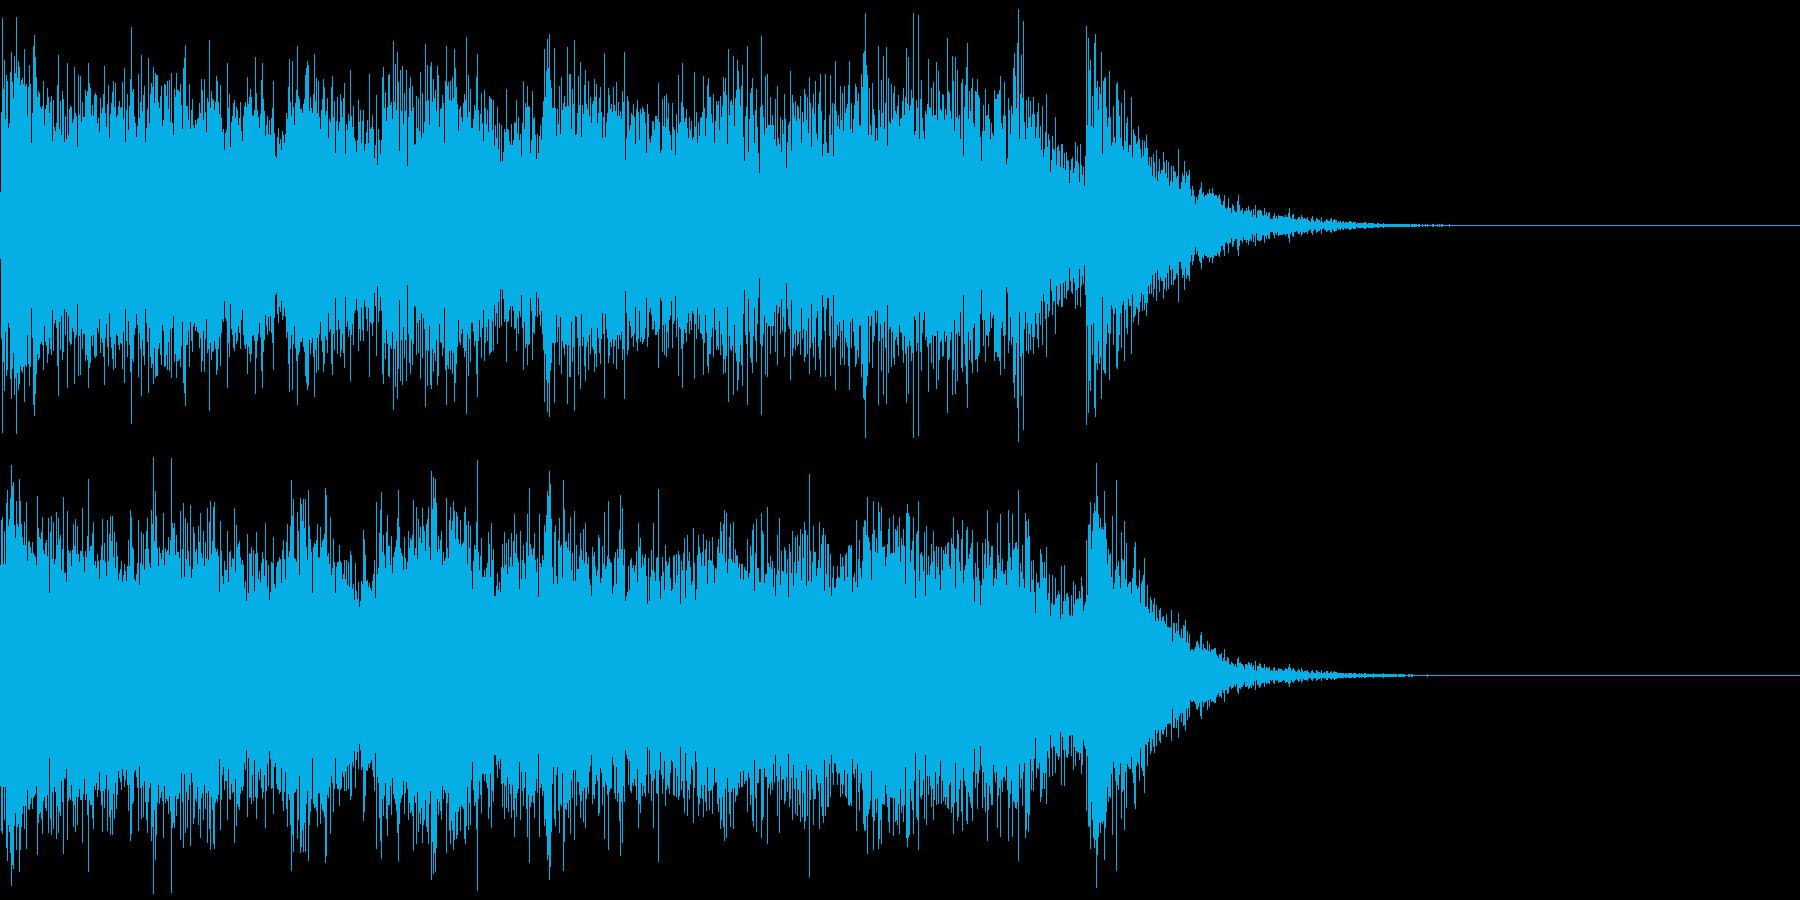 より豪快なブラス!(5秒)の再生済みの波形